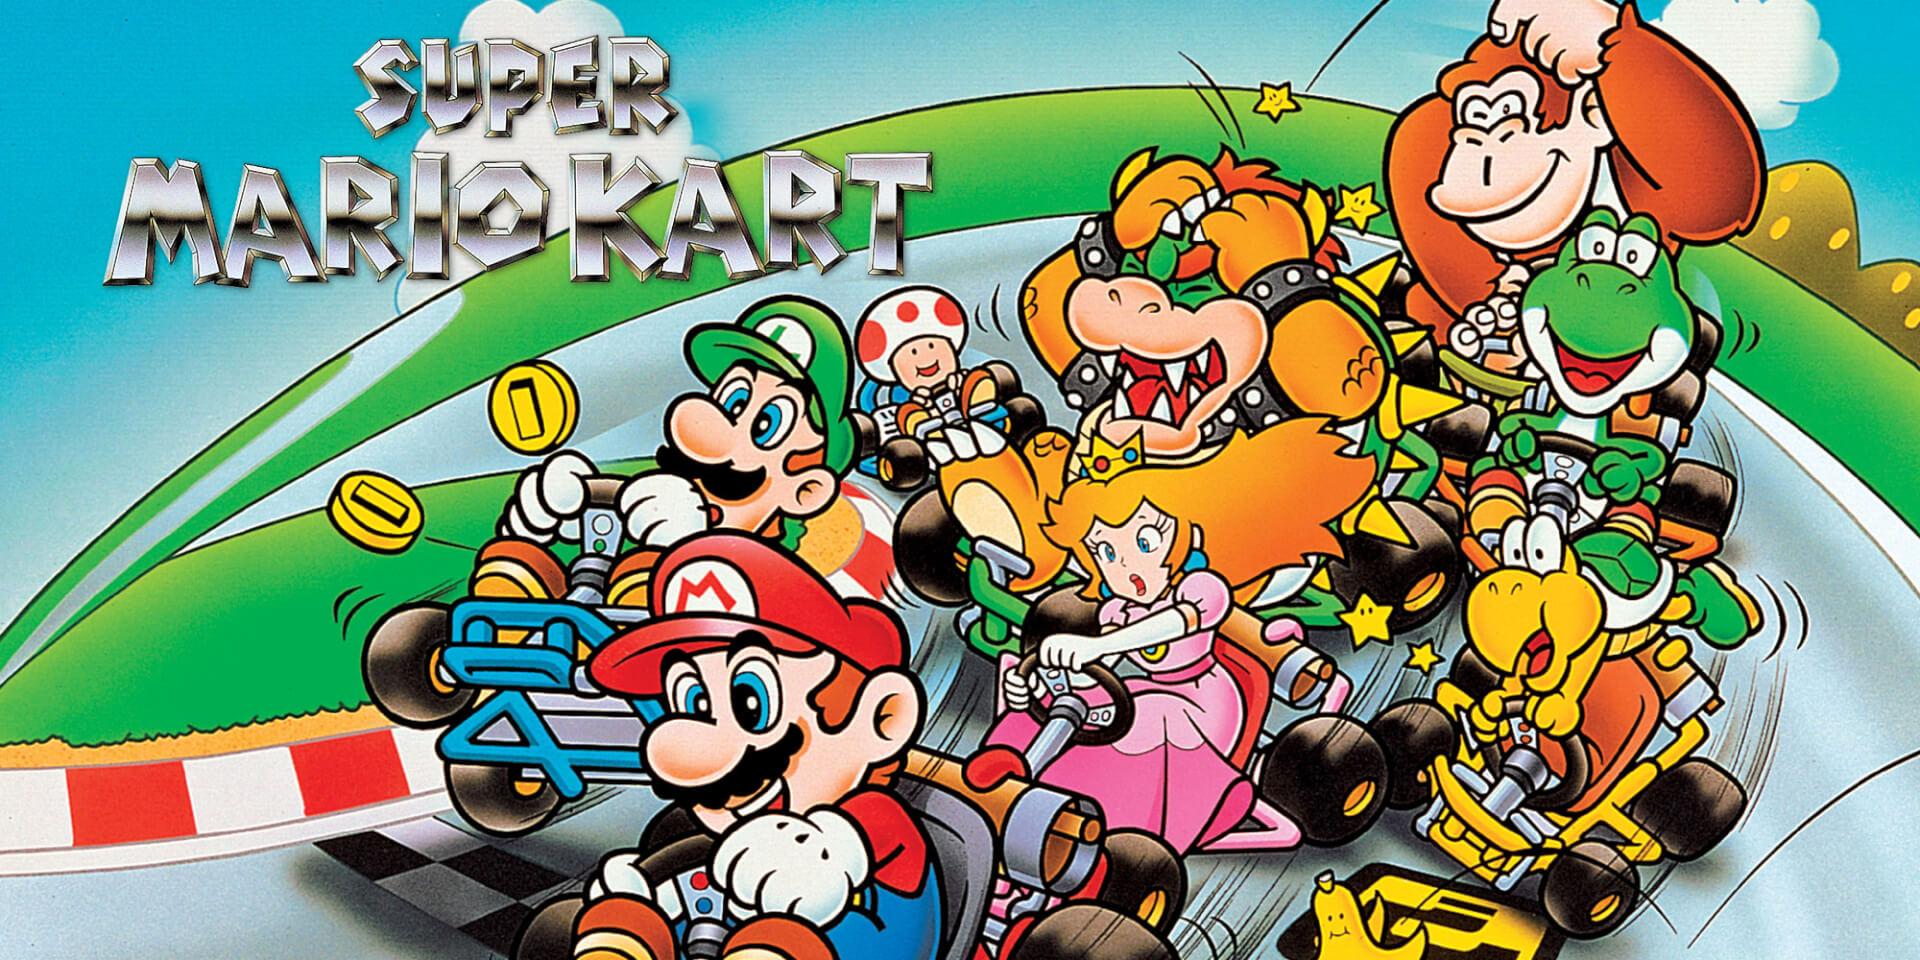 Super nintendo world trademark hints at mario kart ride for super nintendo world trademark hints at mario kart ride for universal studios publicscrutiny Choice Image